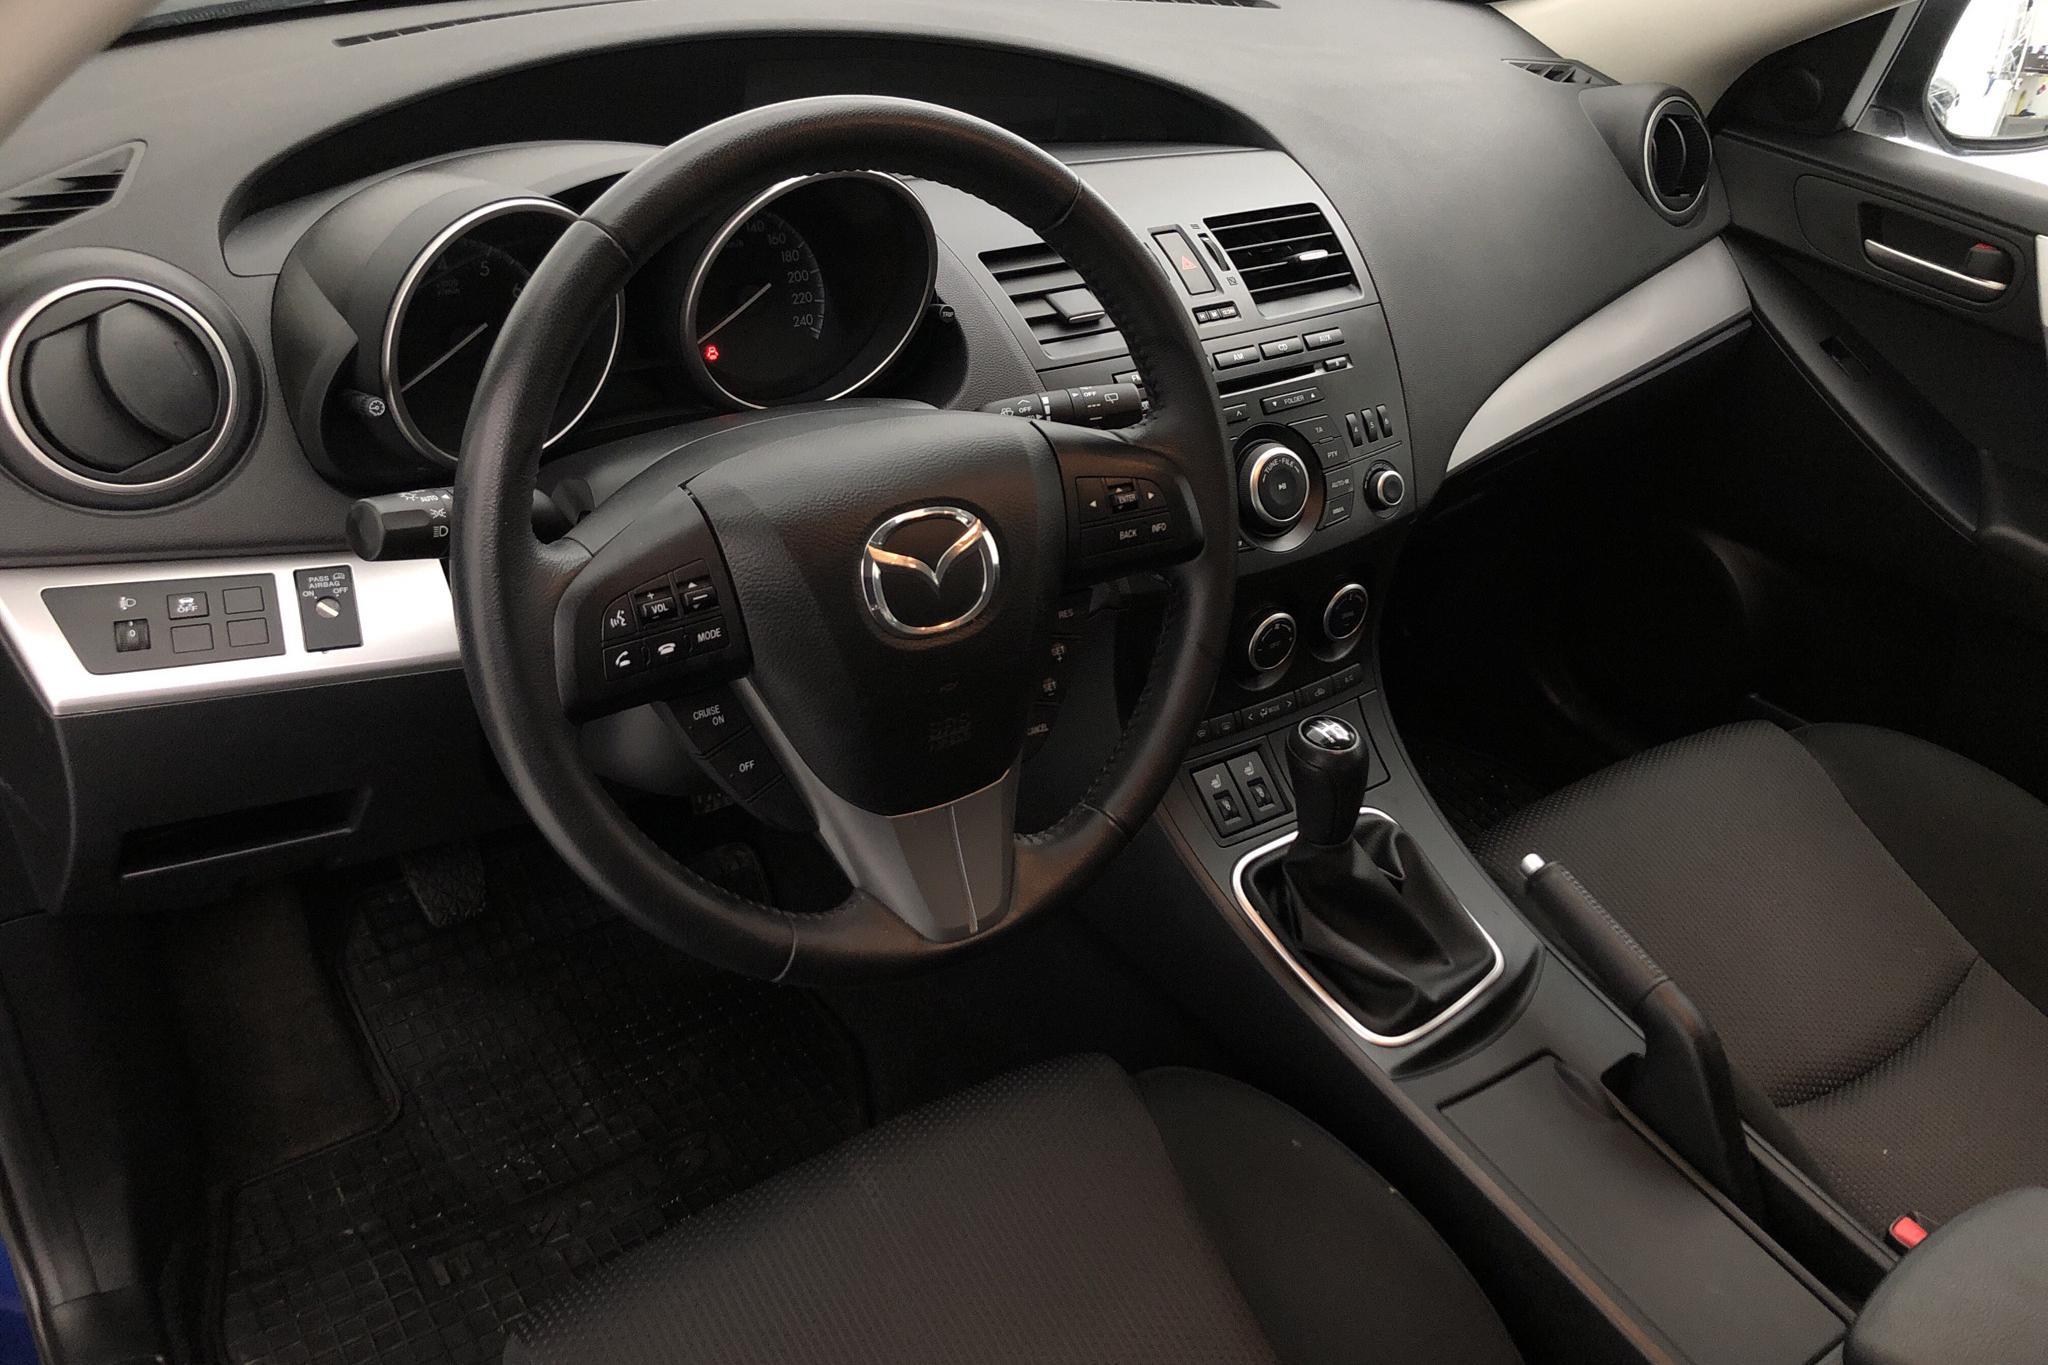 Mazda 3 1.6 5dr (105hk) - 3 101 mil - Manuell - blå - 2012